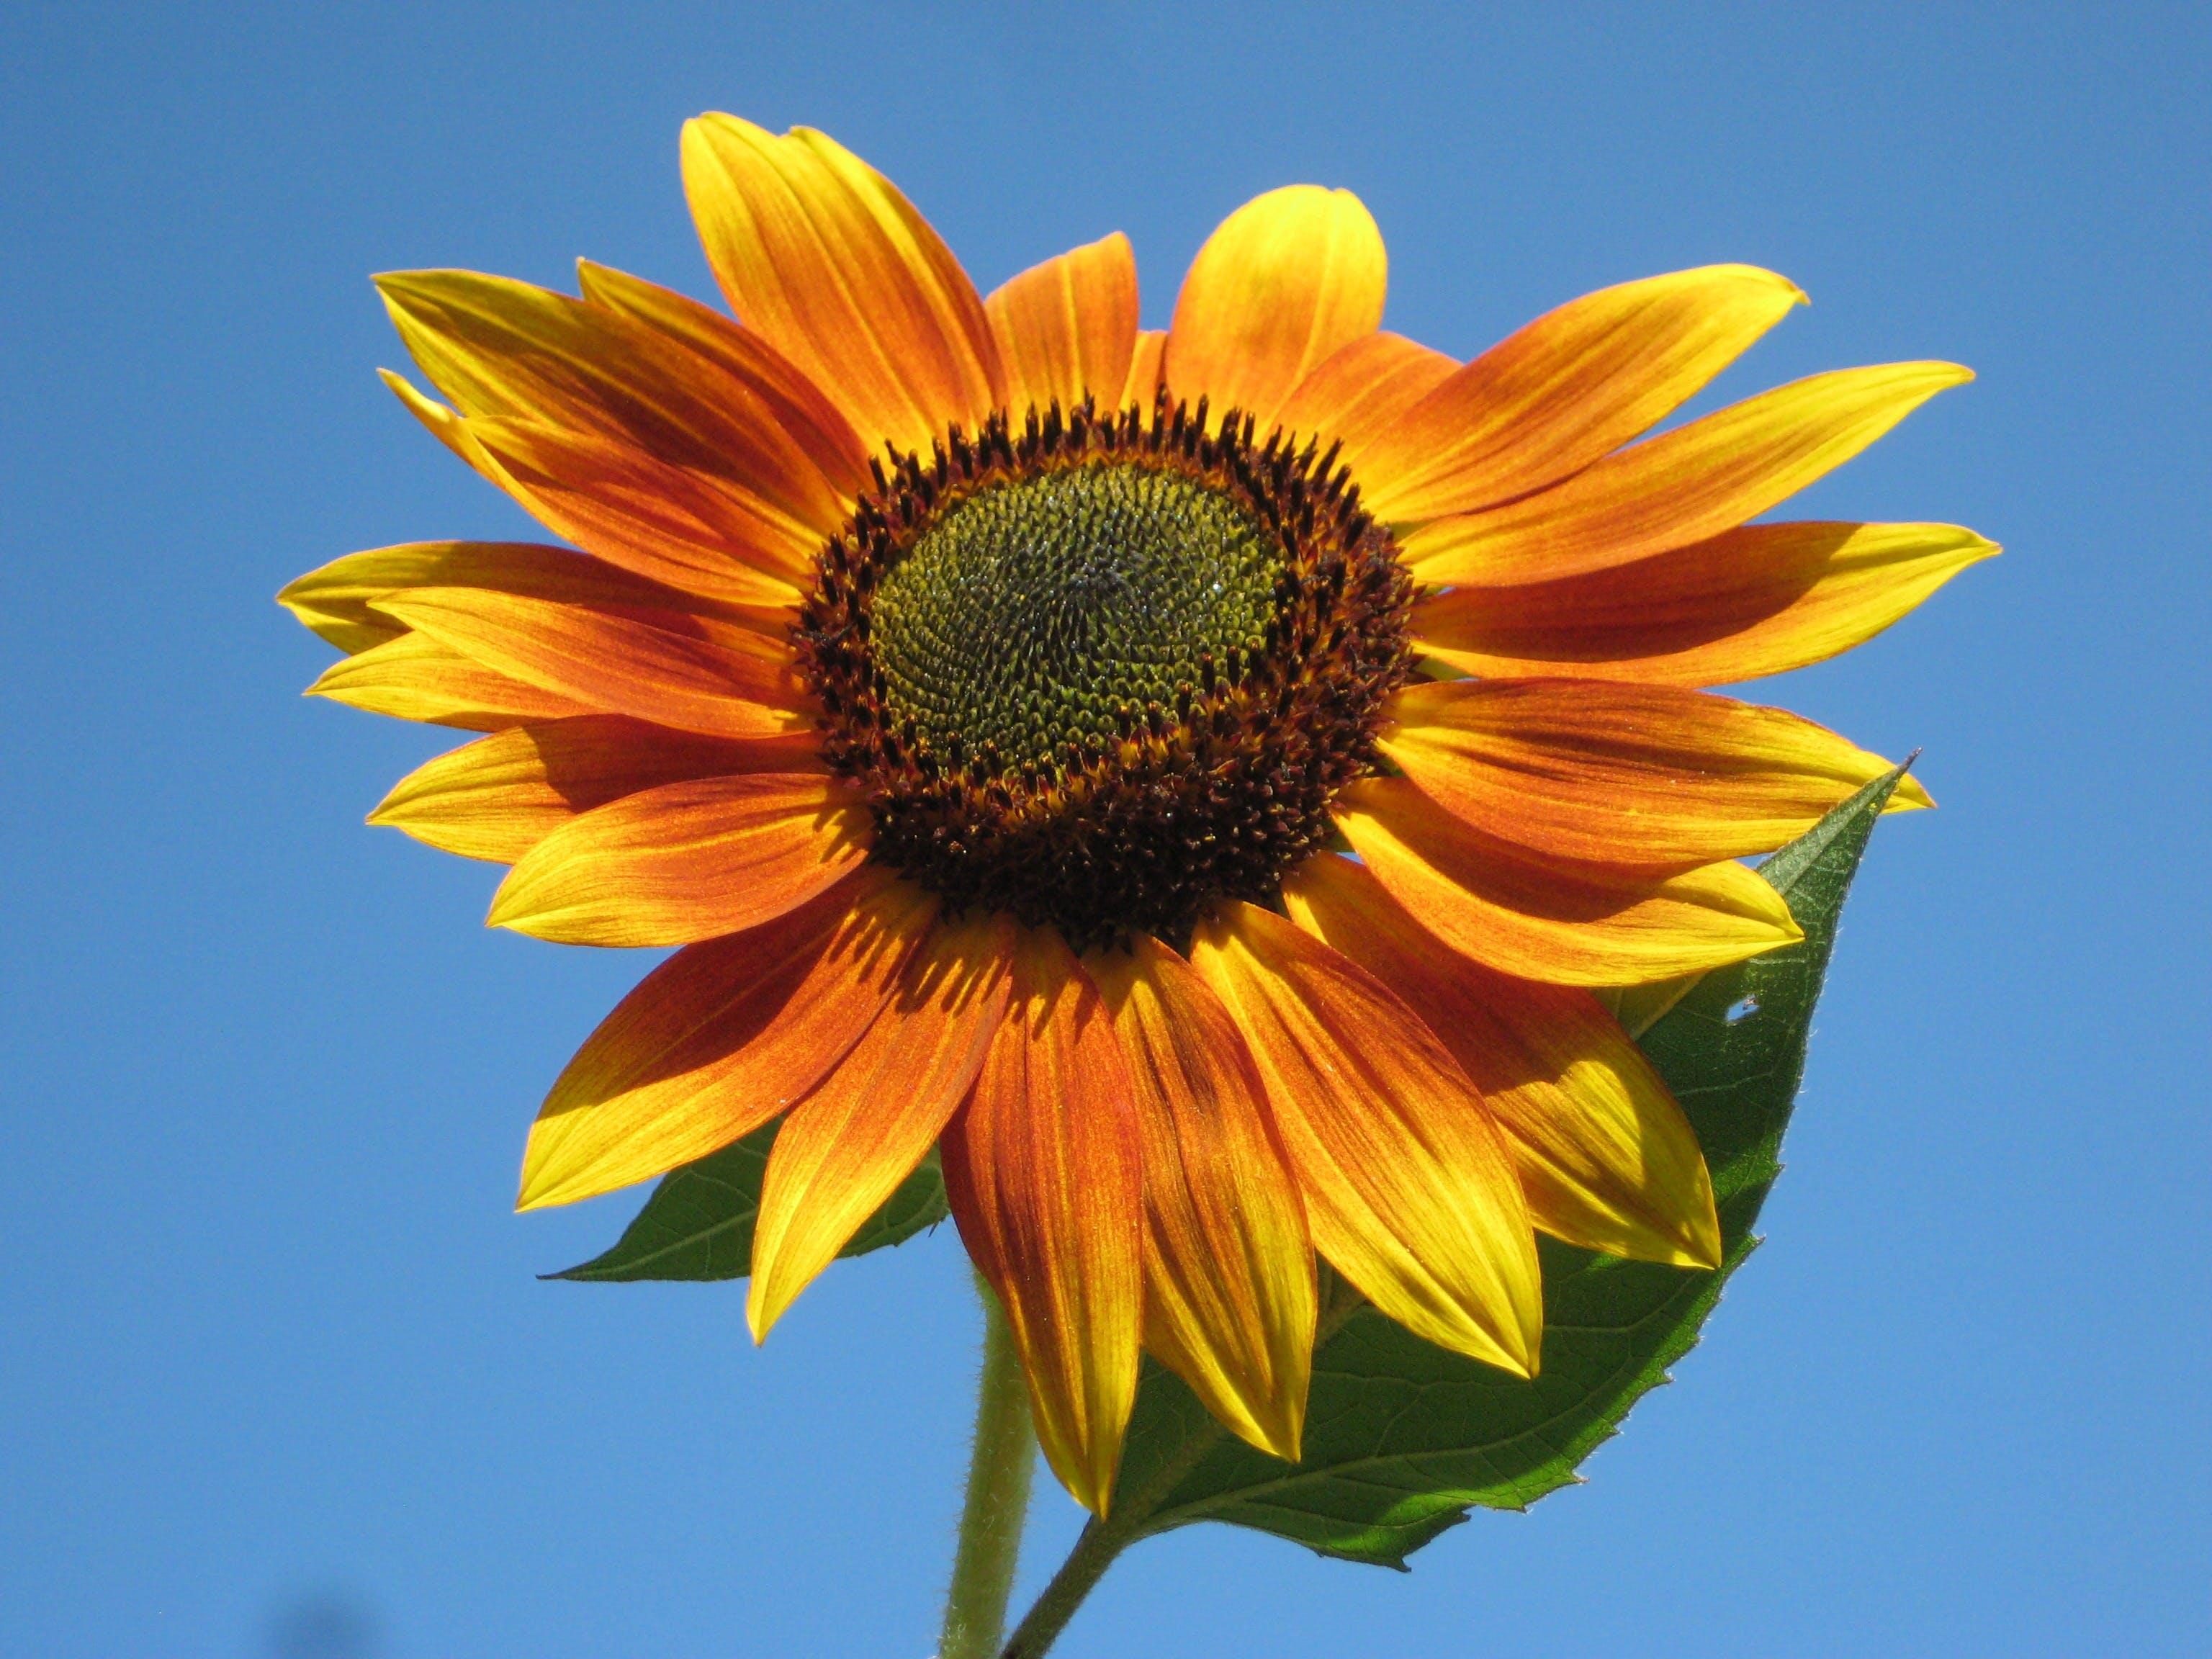 Sunfllower